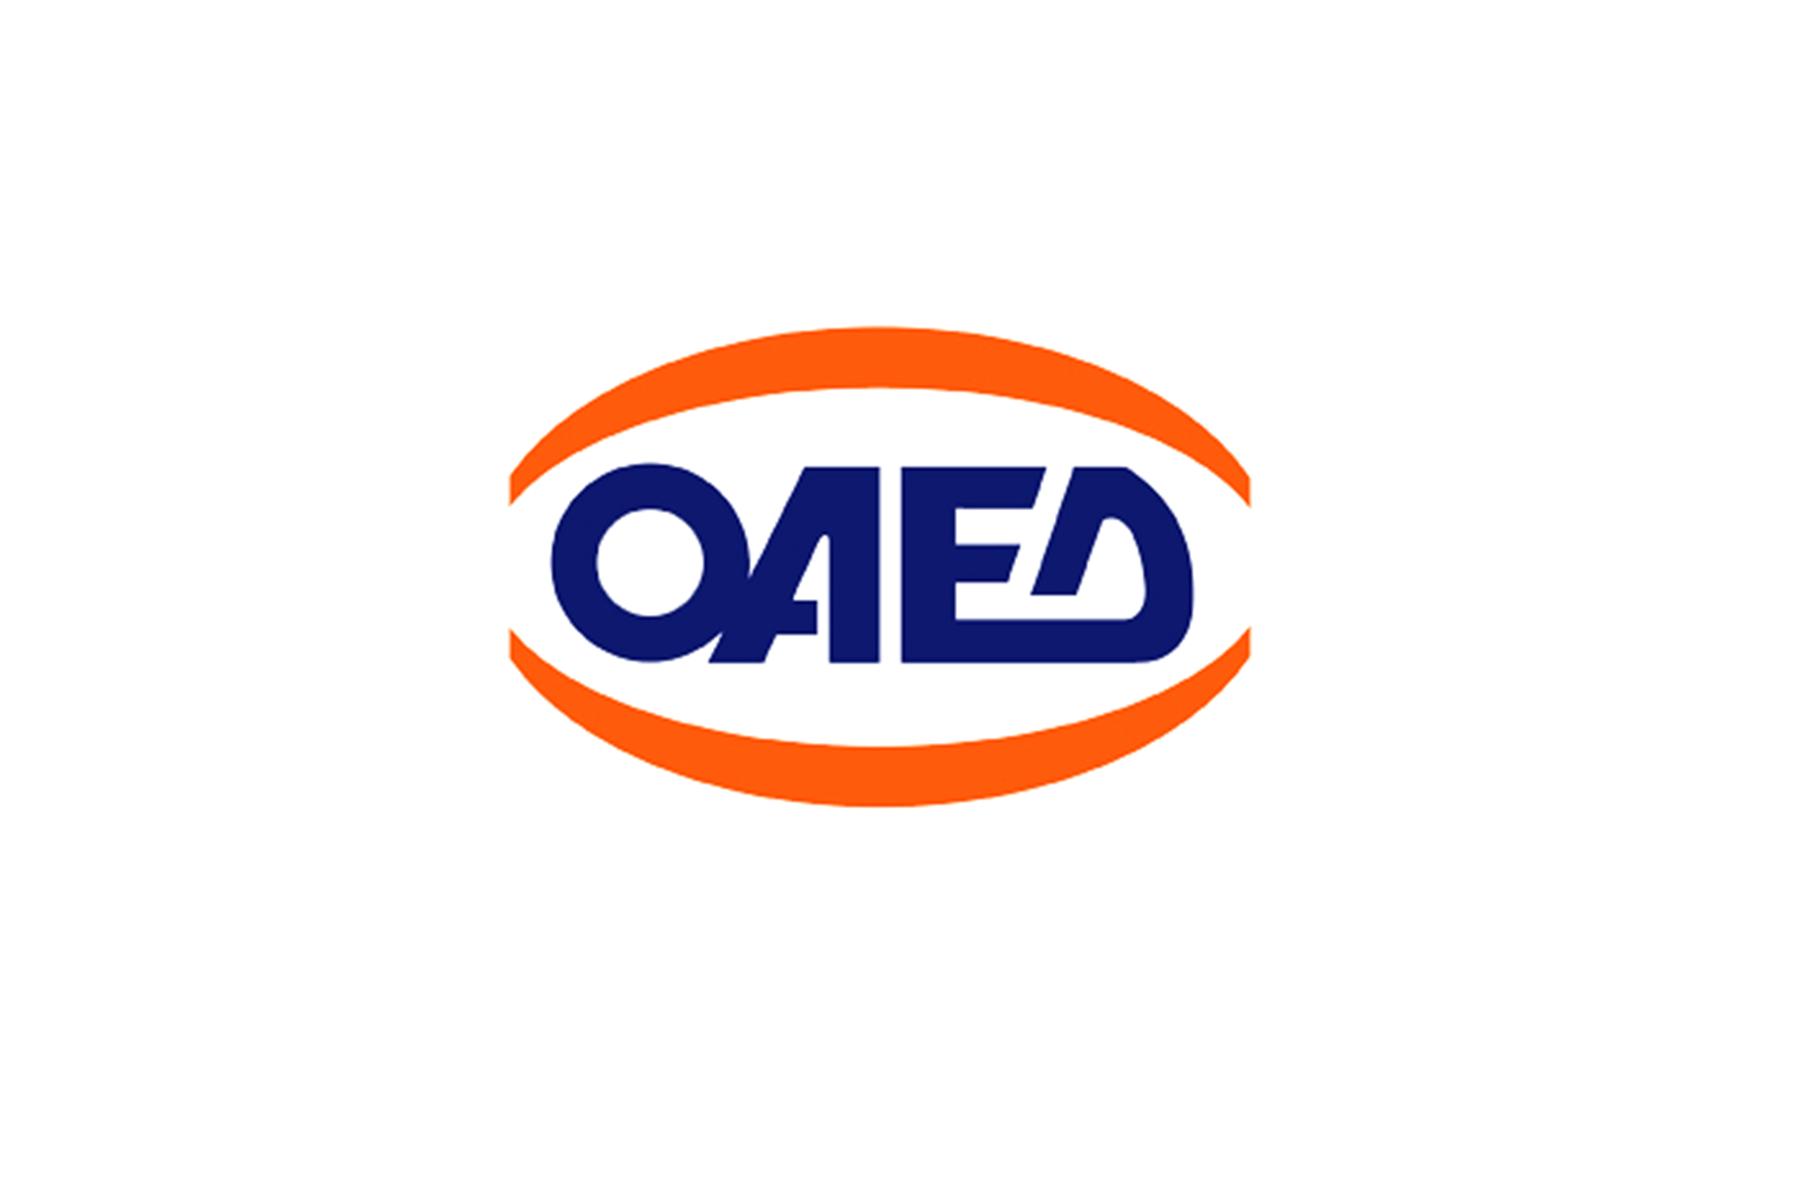 ΟΑΕΔ : Ποσοστό εγγεγραμμένων ανέργων για τον μήνα Μάιο